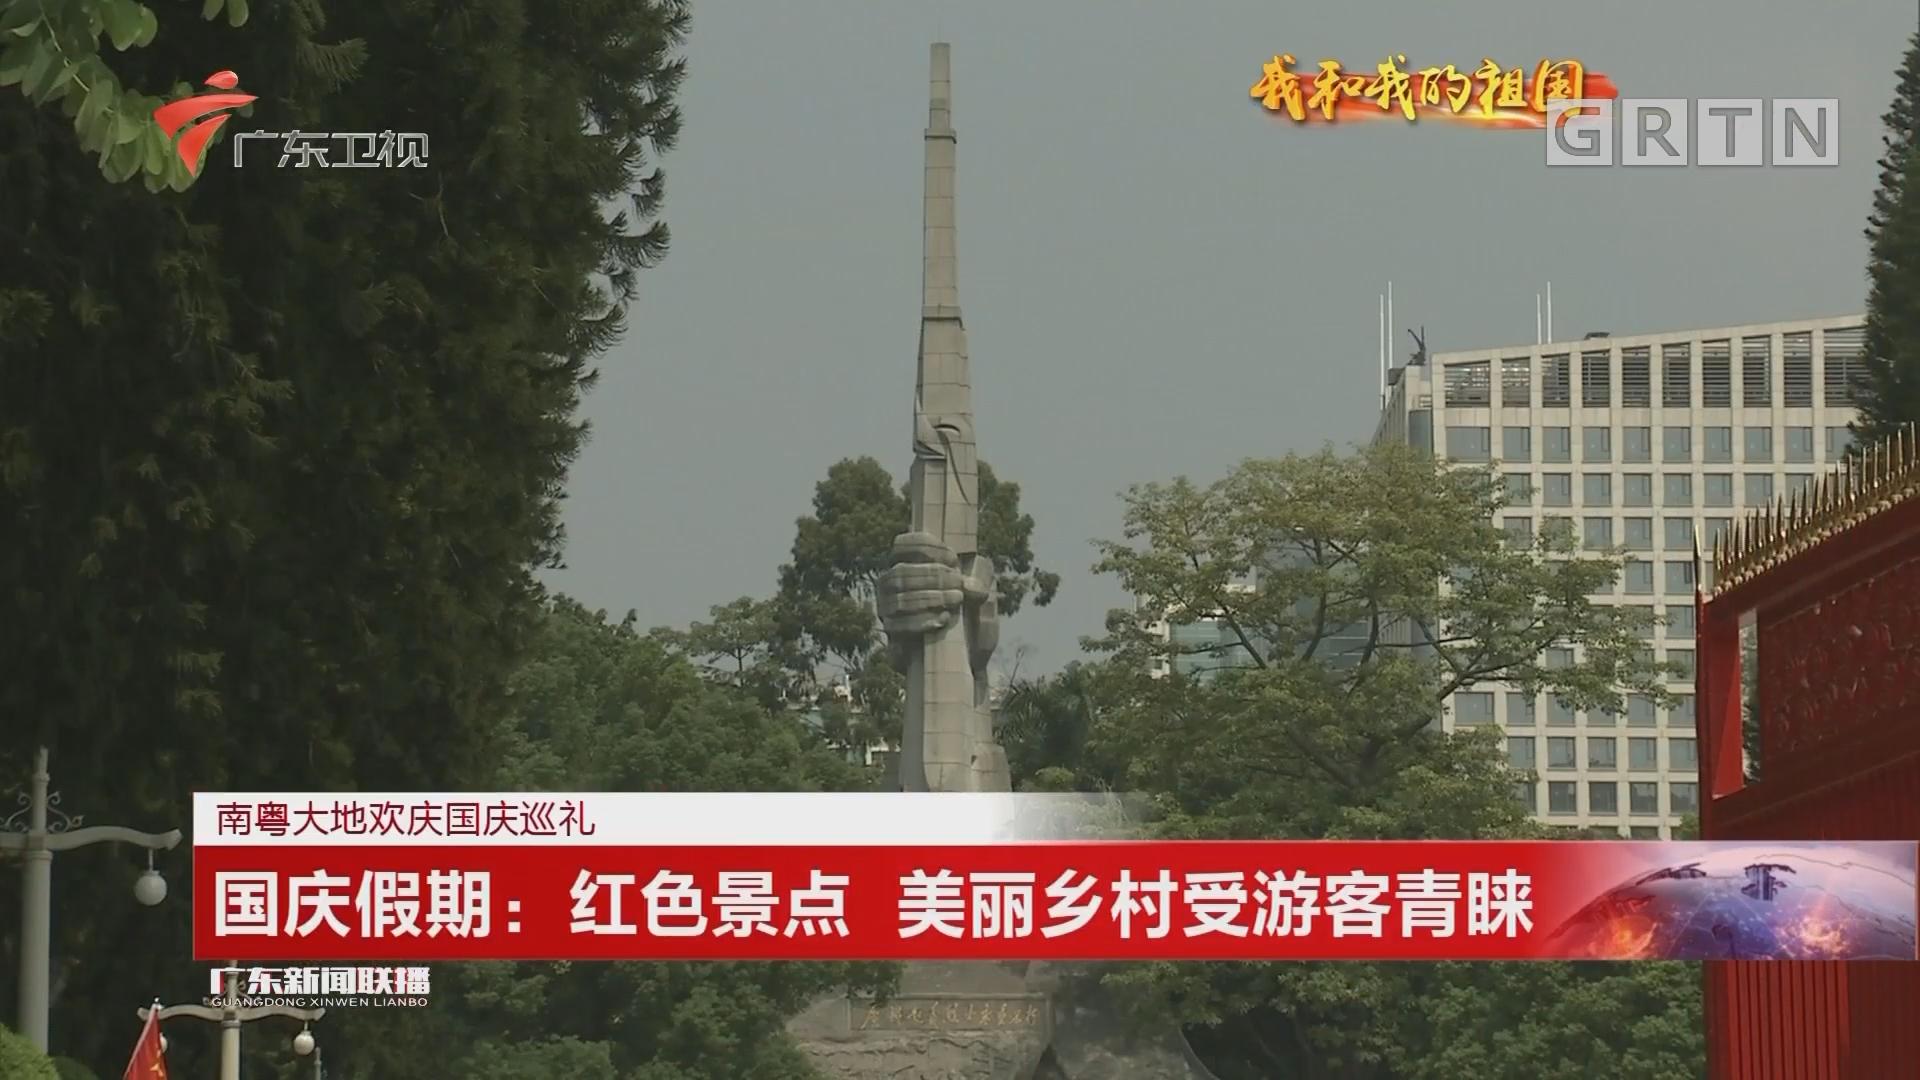 国庆假期:红色景点 美丽乡村受游客青睐